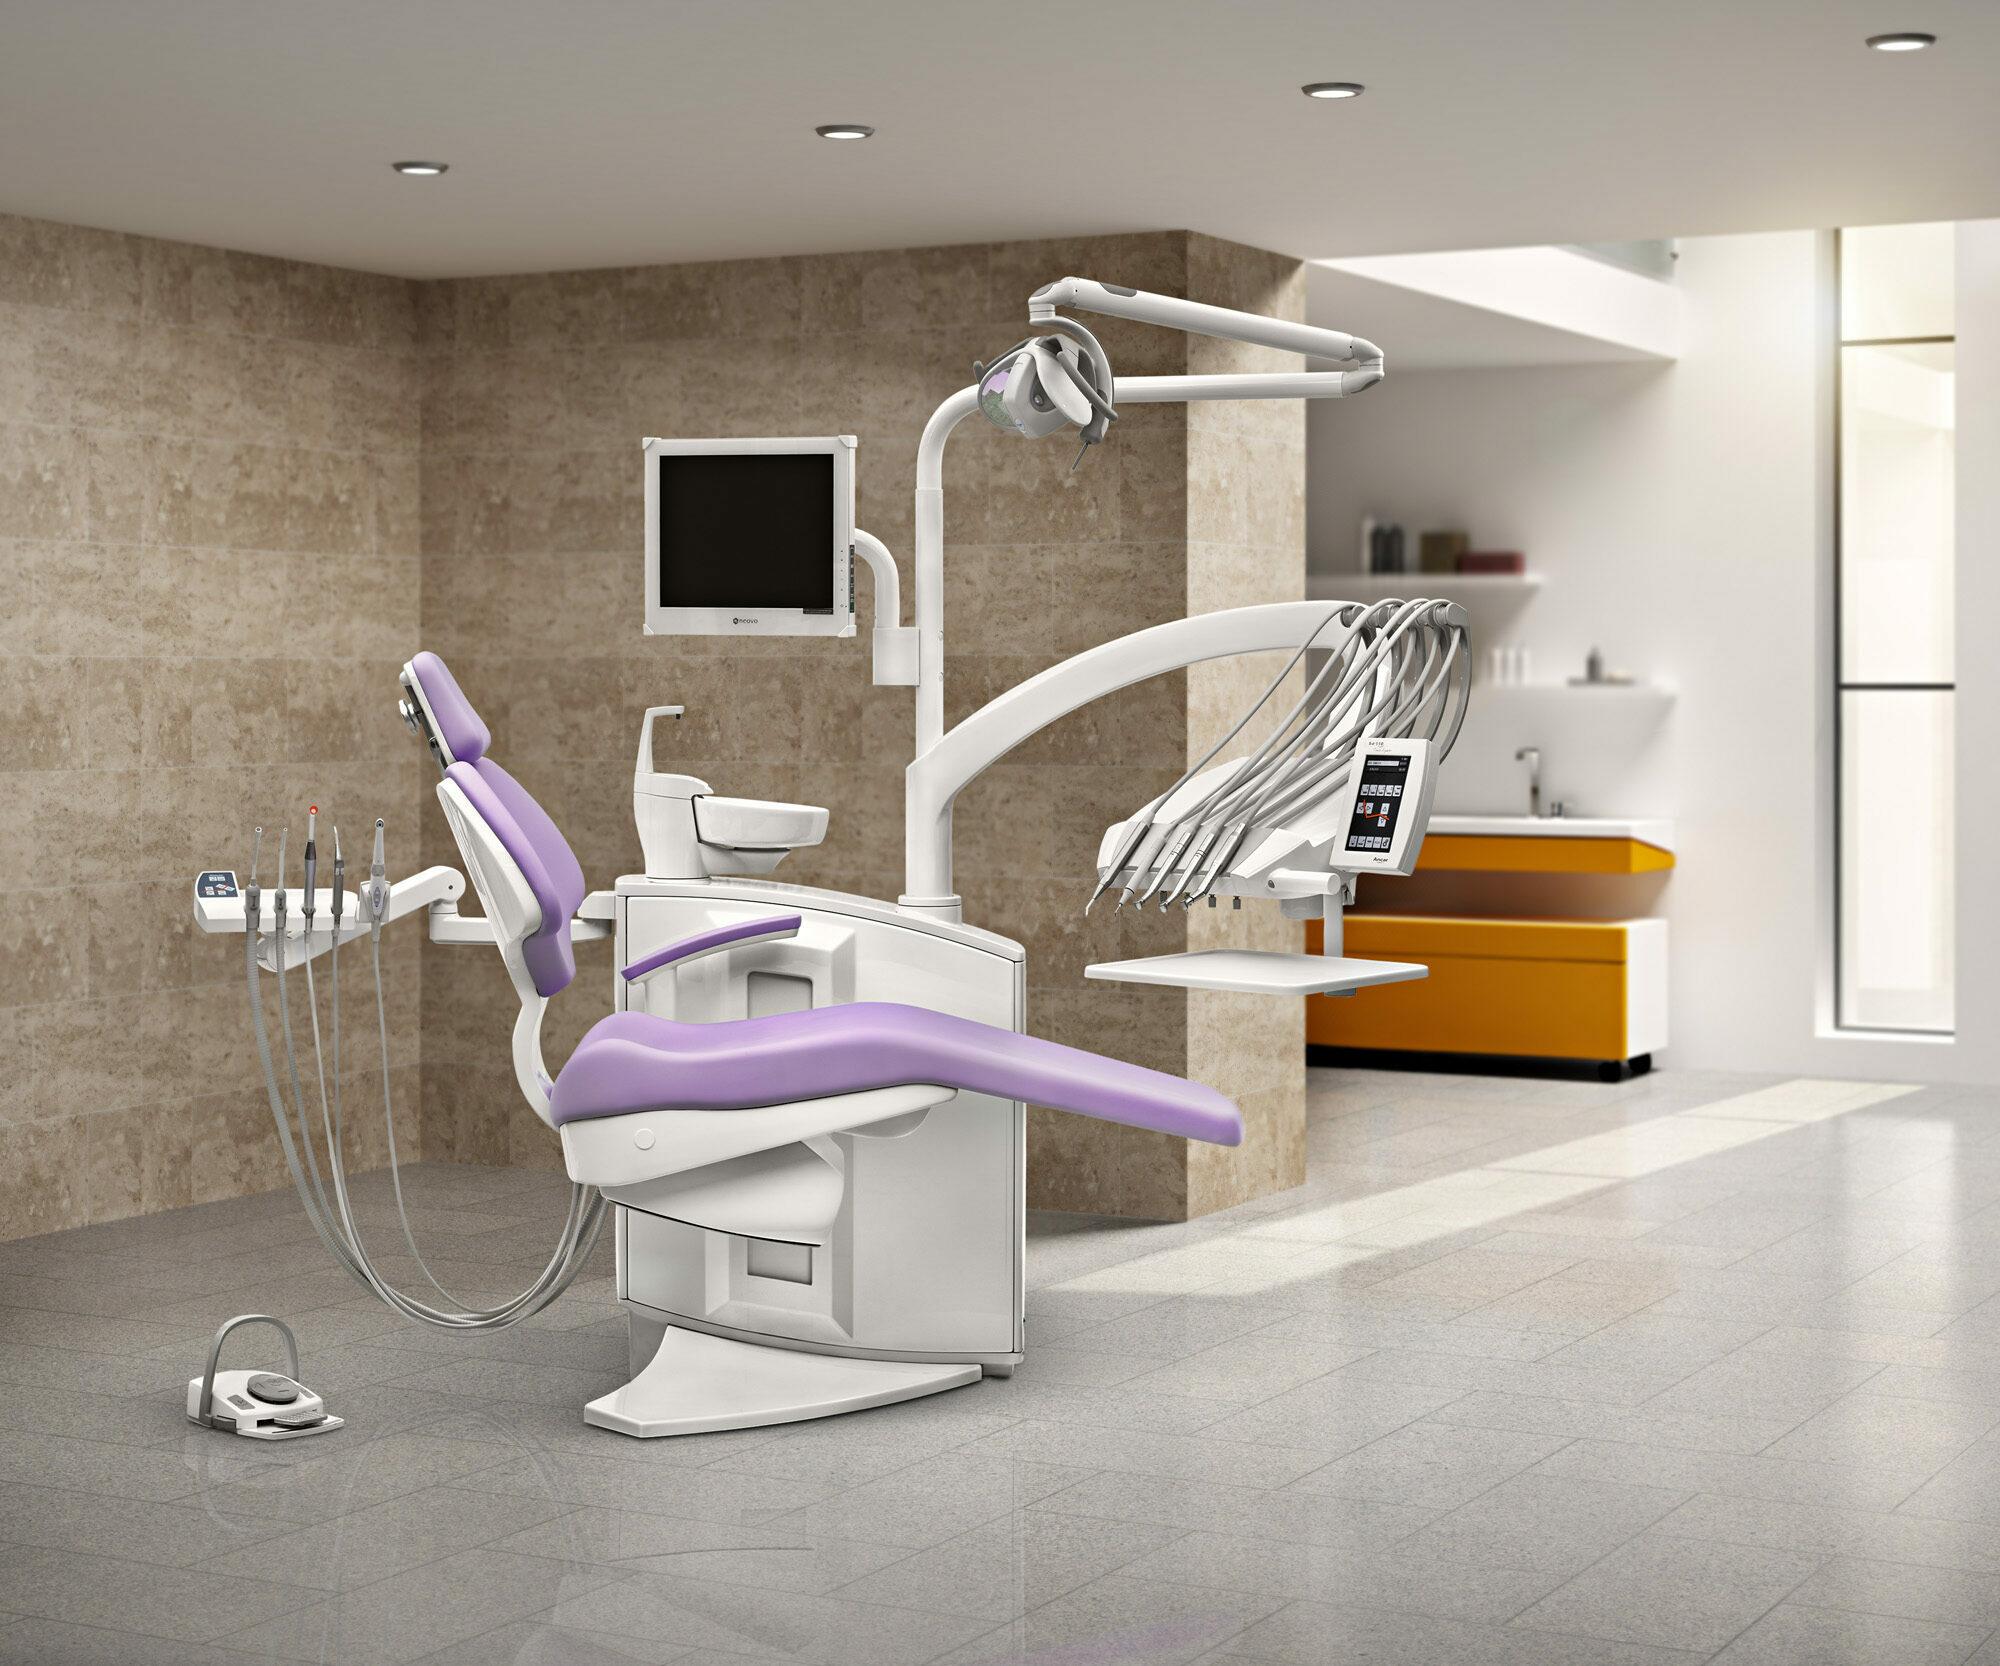 ANCAR SD - 550 Behandlungseinheit Zahnarztstuhl